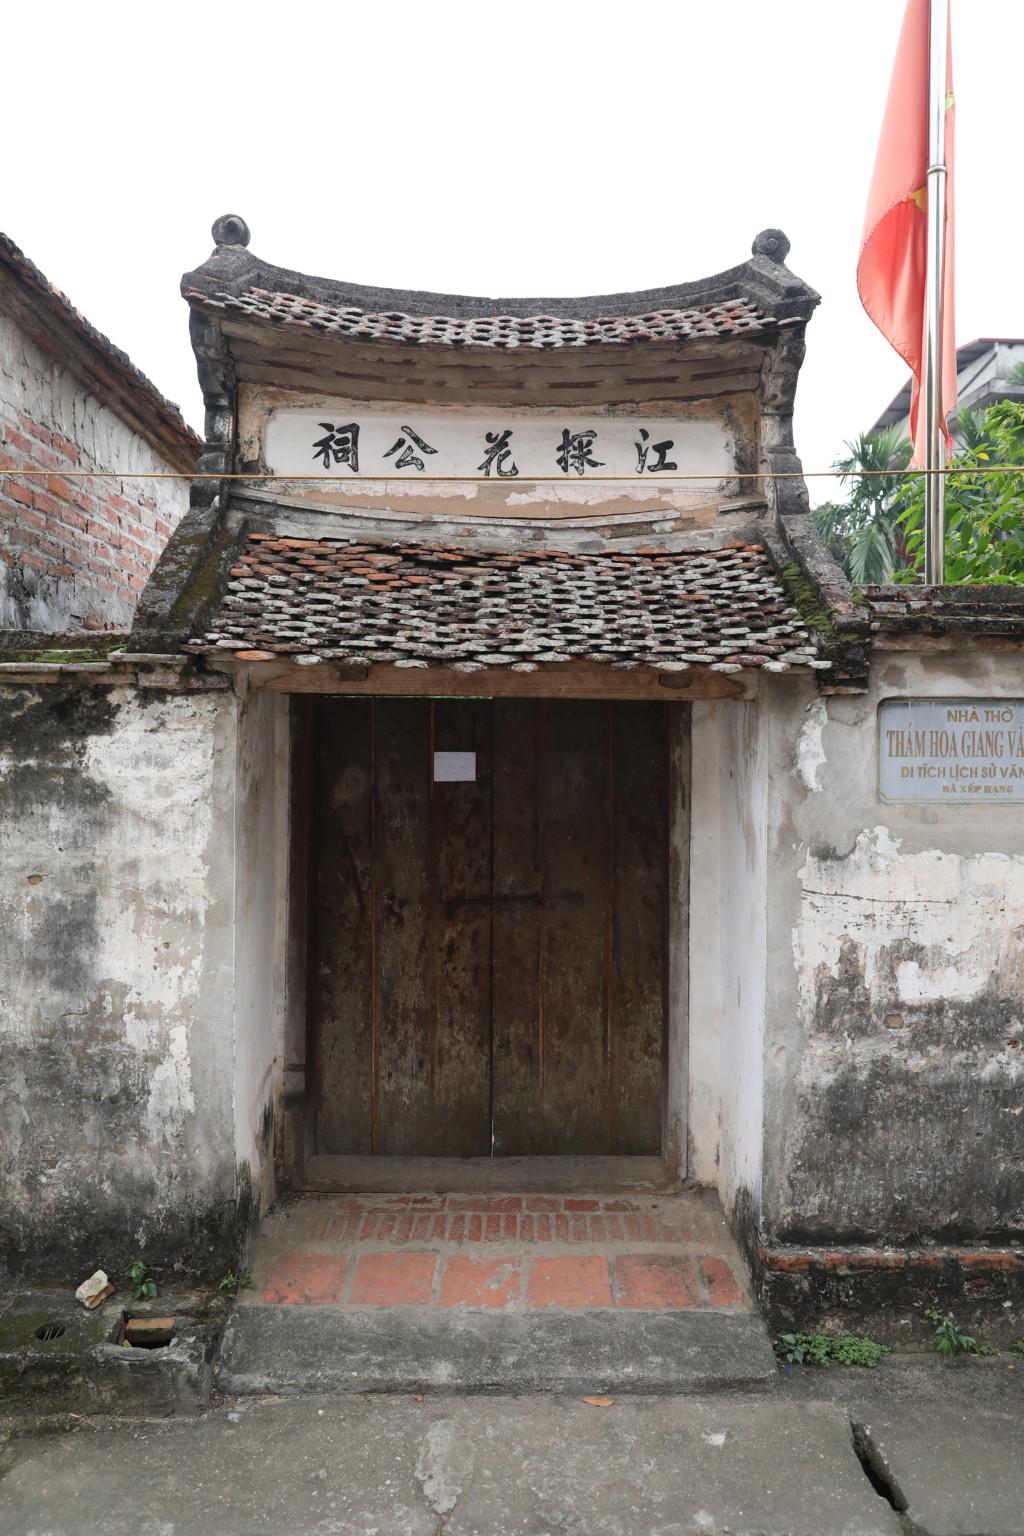 漢字で寺院名が表記されている